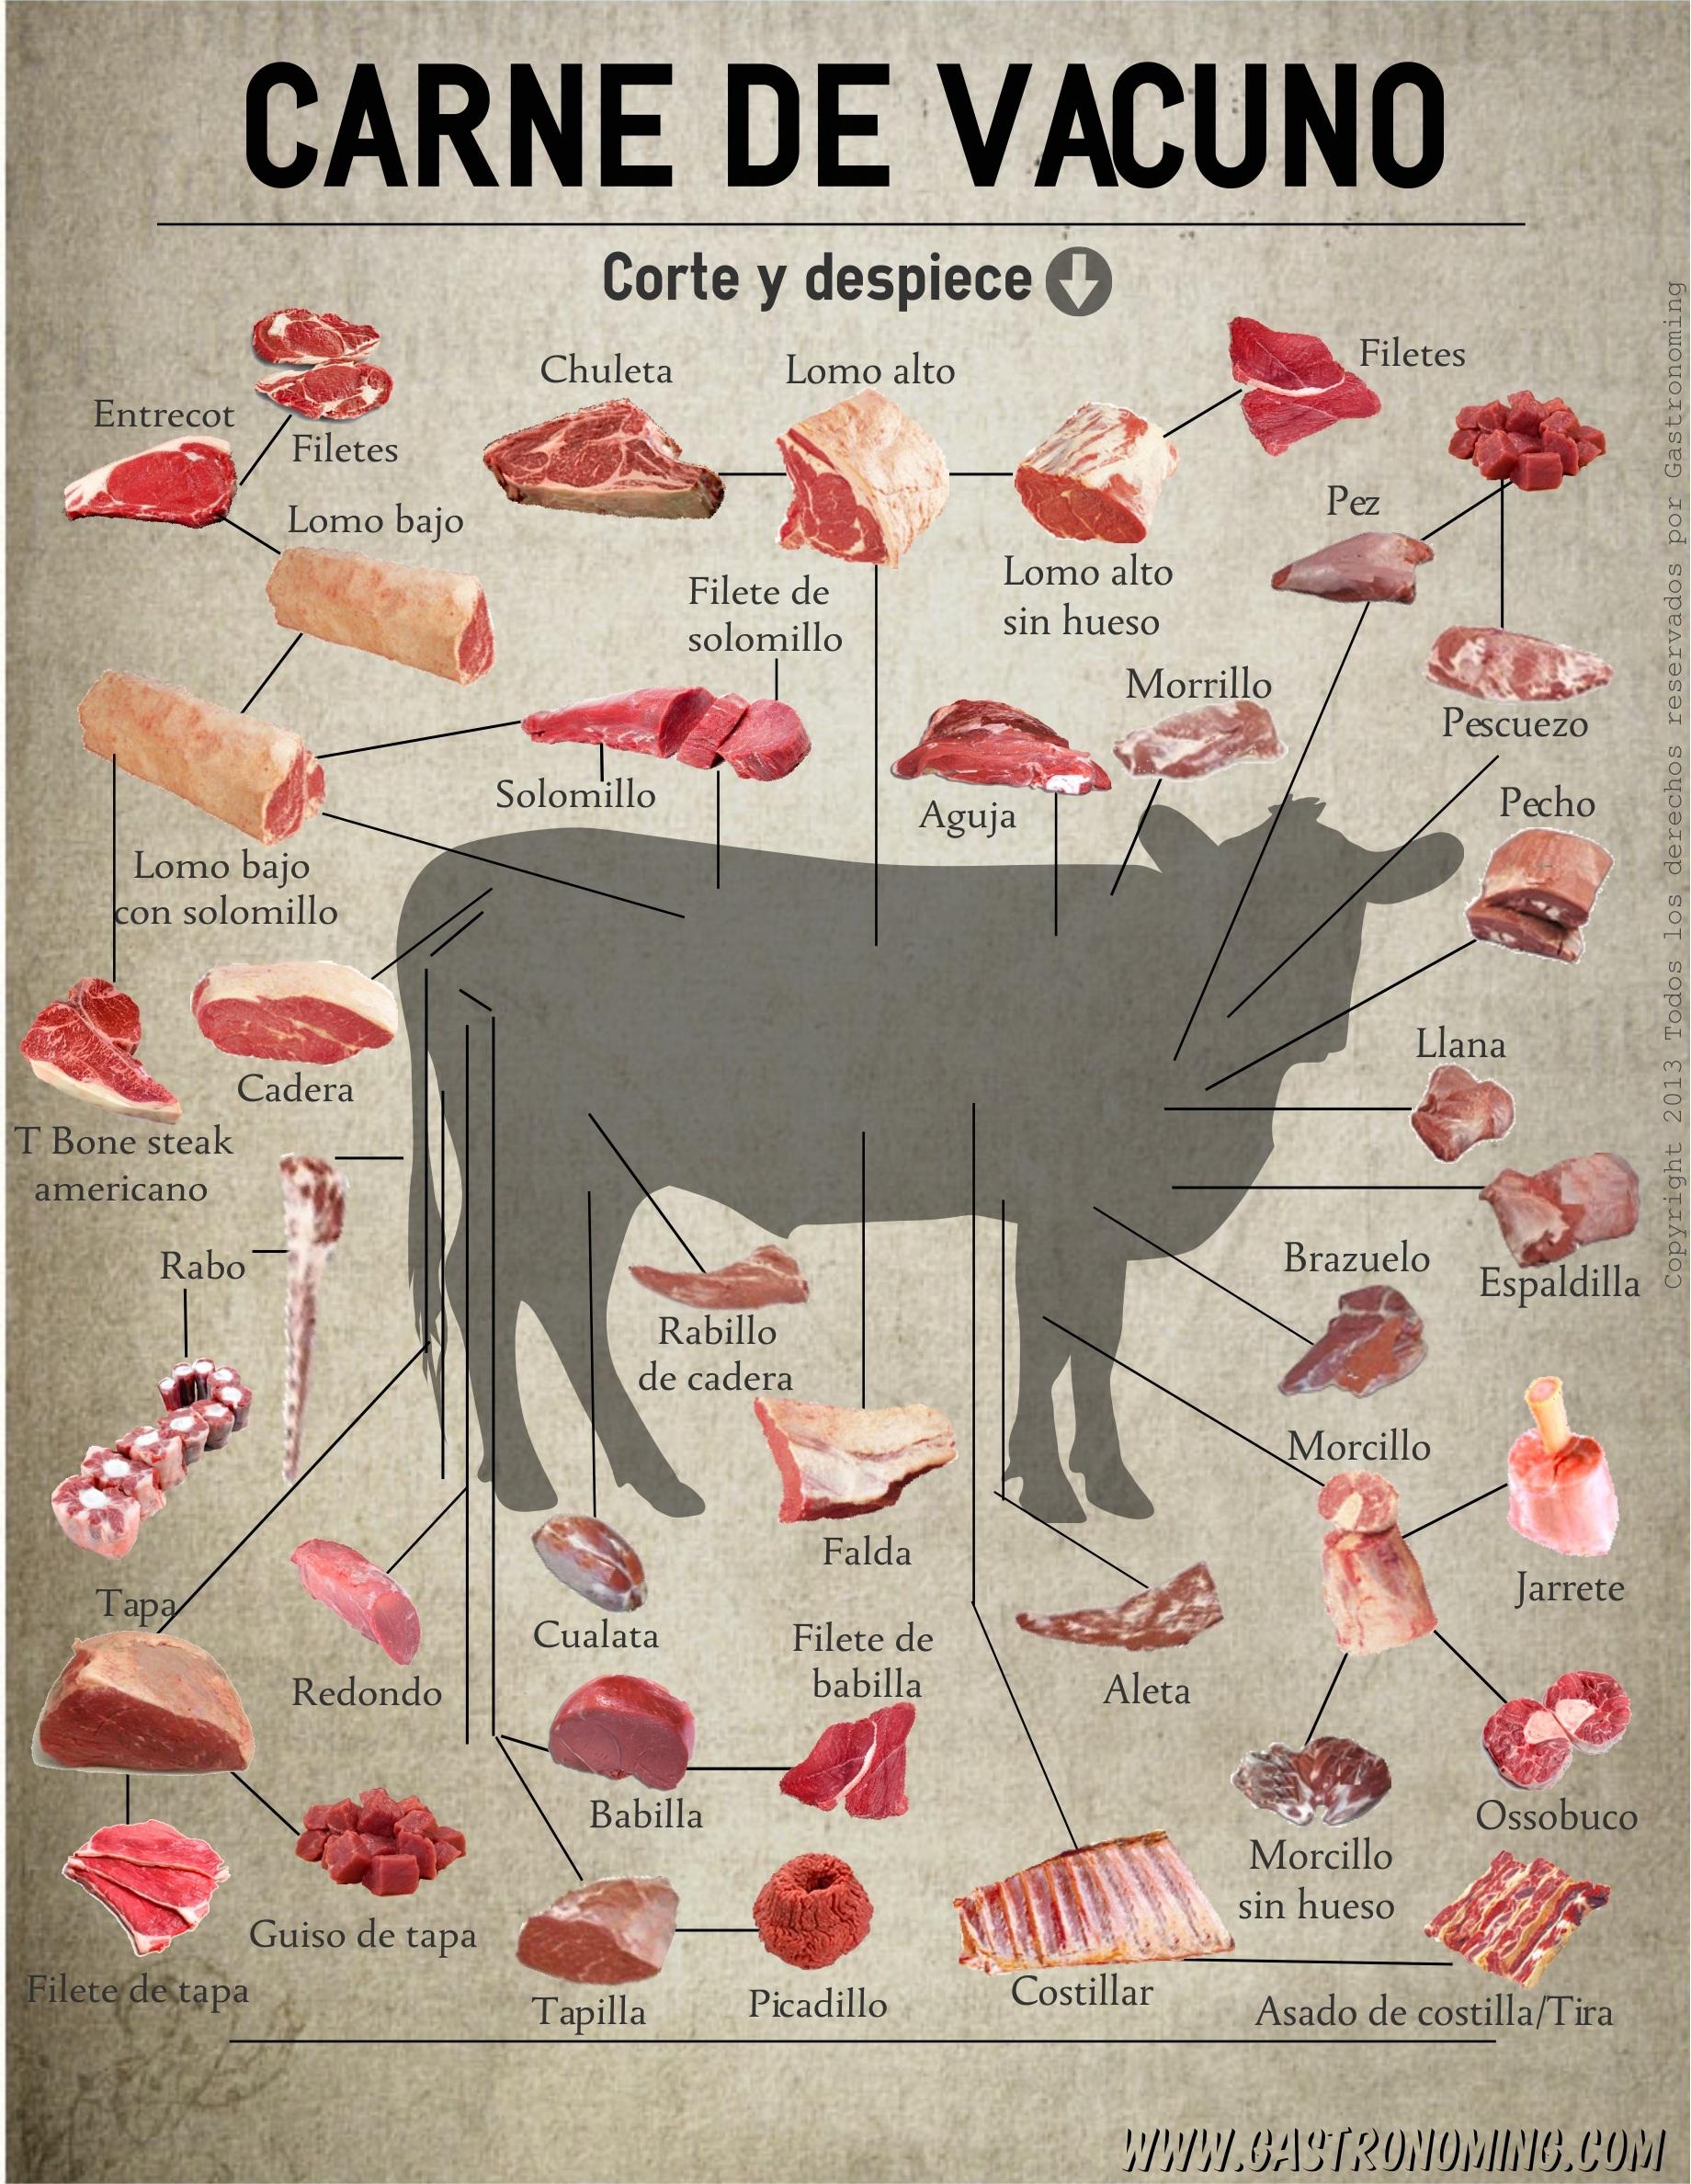 Carne de vacuno corte y despiece gastronoming for Cocinar un entrecot